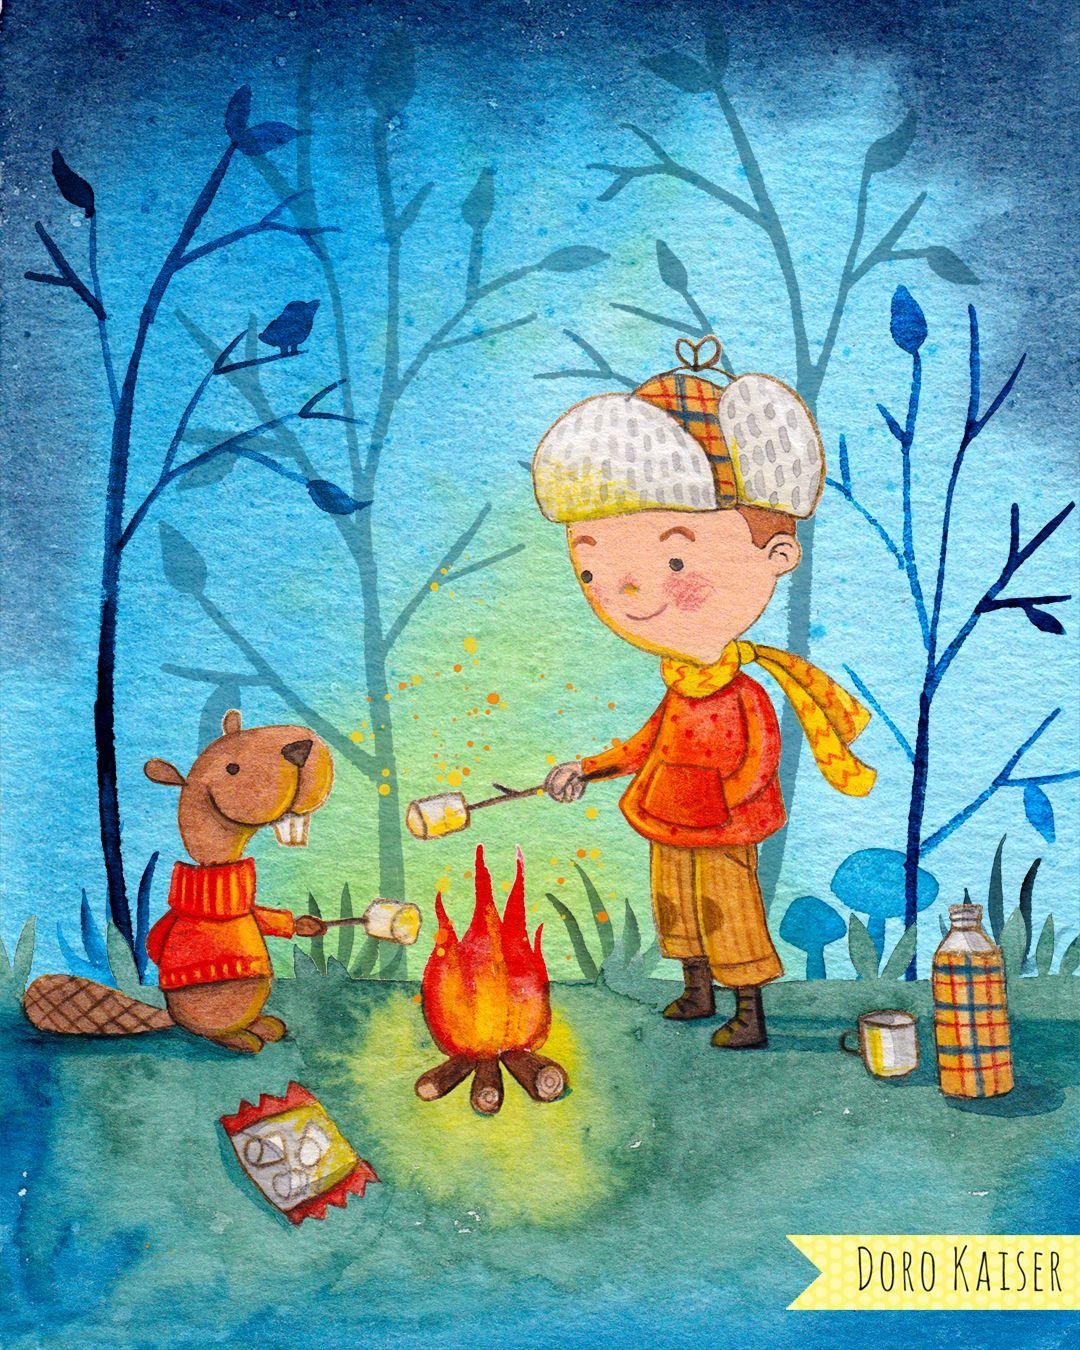 Kinderbild / Illustration Mit Kleinem Jungen, Bieber Und bestimmt für Kinderbilder Malen